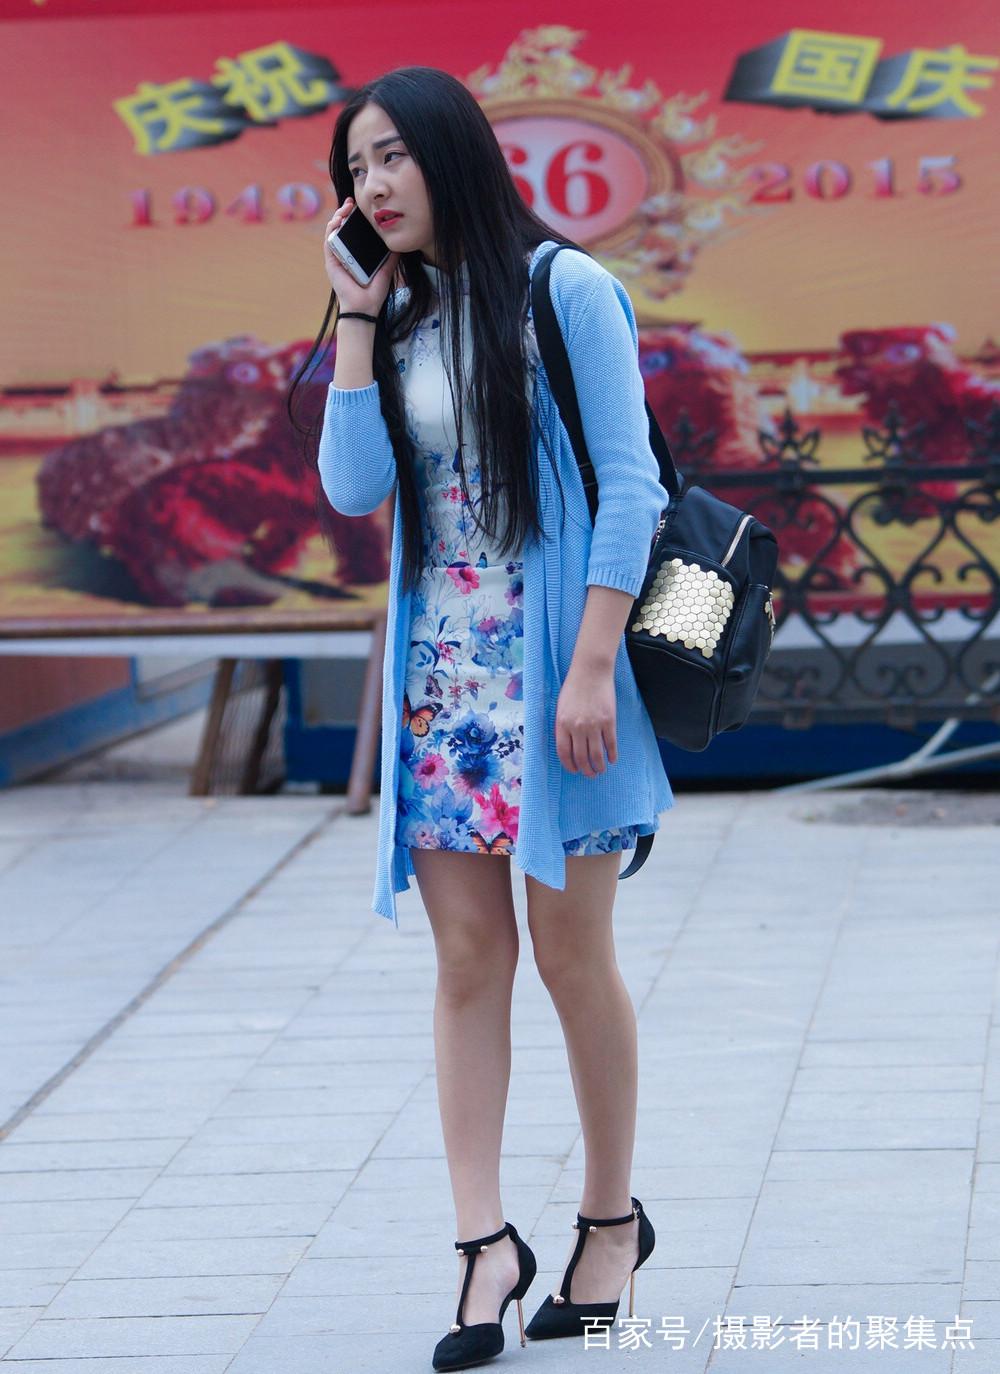 气质优雅美女身穿花色旗袍,搭配蓝色外套,黑色尖头高跟鞋,长发齐腰,轻图片